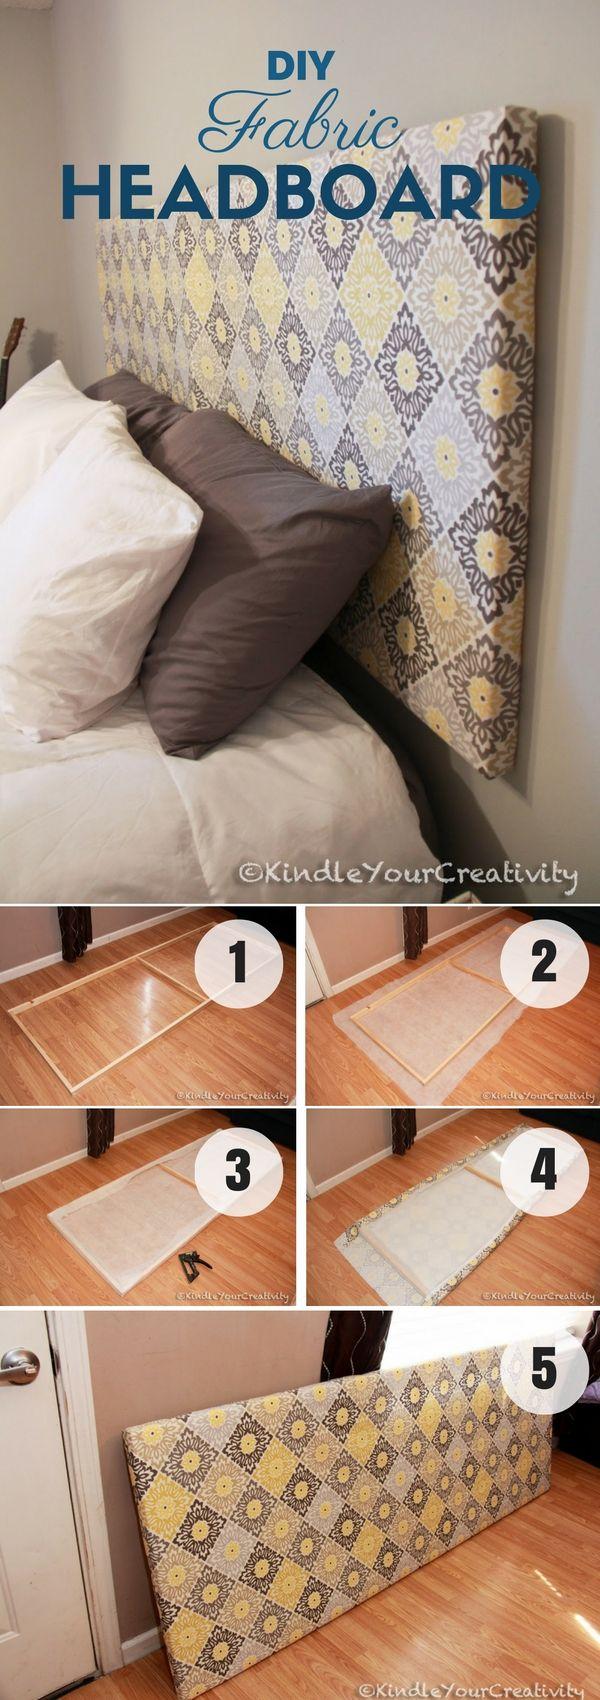 Easy diy bed headboard - Very Easy To Build Diy Fabric Headboard Istandarddesign